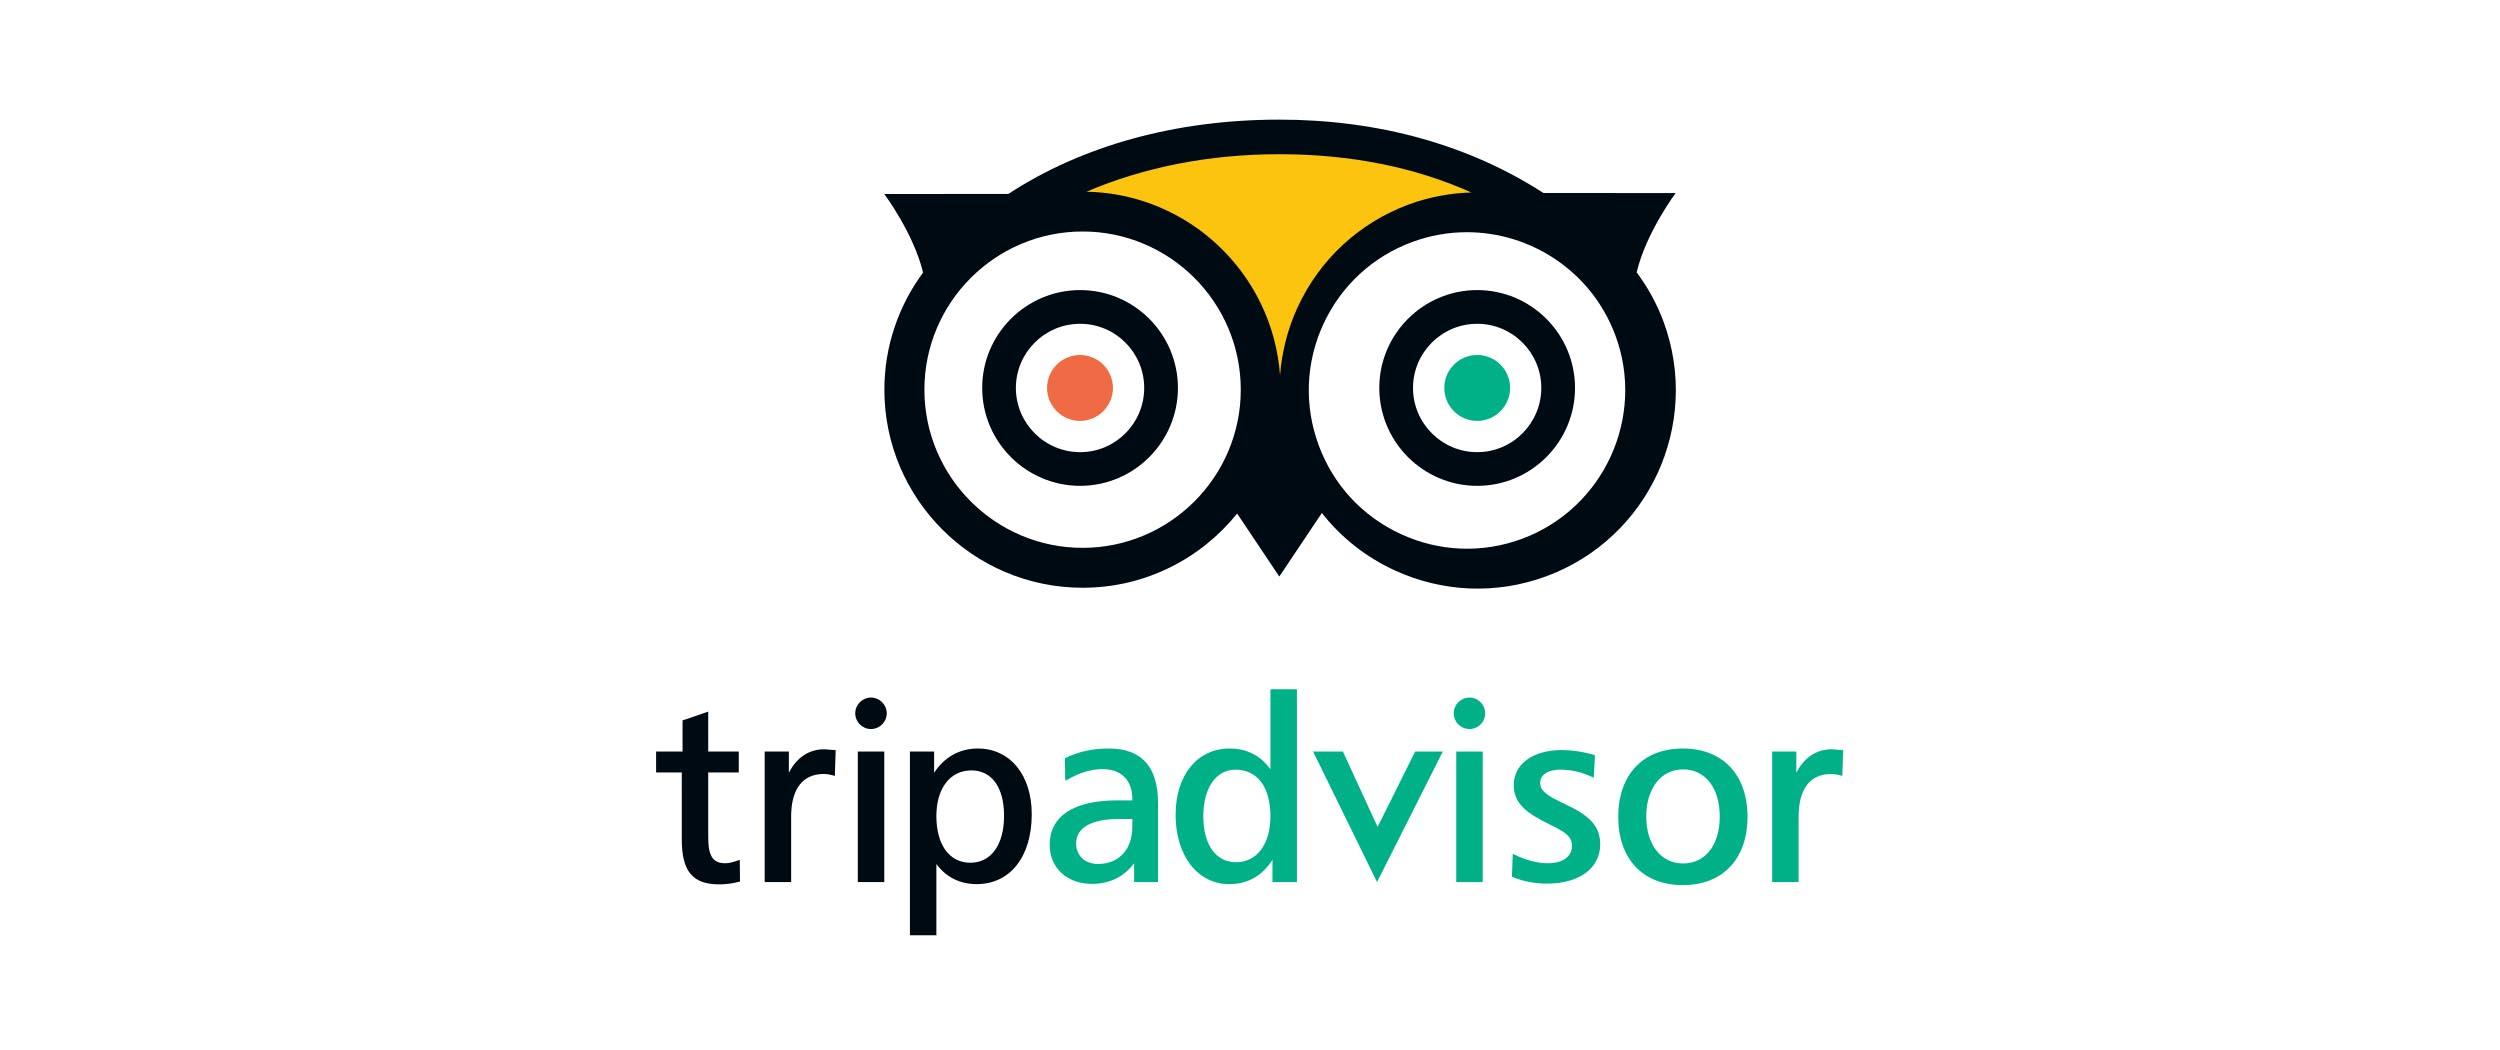 18 TripAdvisor.jpg